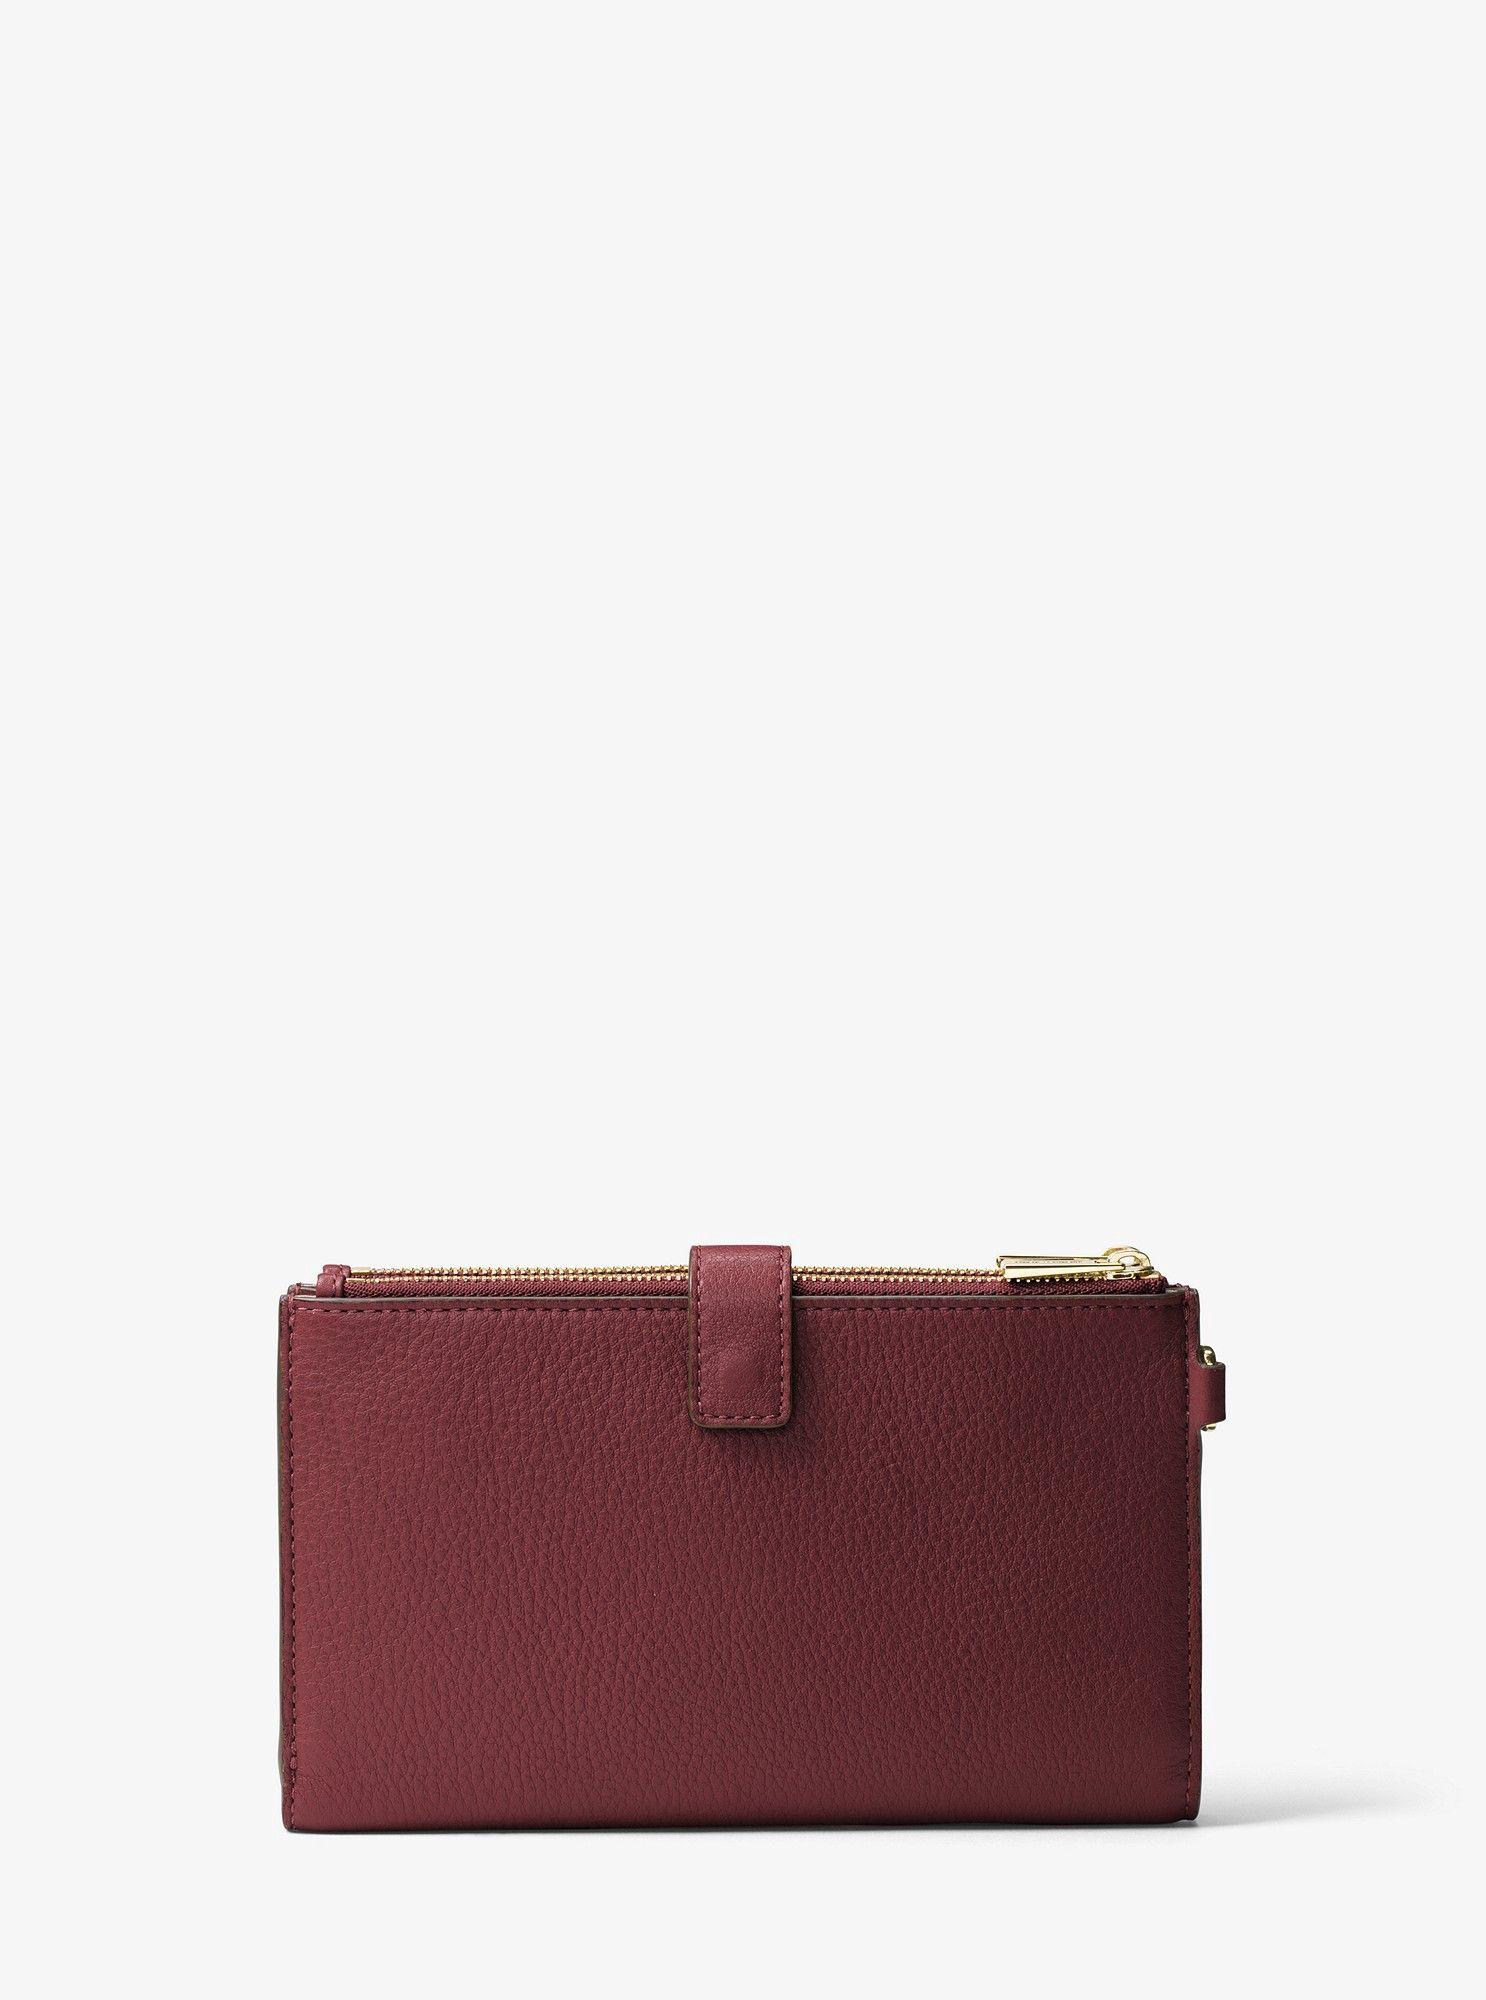 e28305be42e2 MICHAEL KORS Adele Leather Smartphone Wristlet. #michaelkors # | Michael  Kors | Wristlet wallet, Handbags michael kors, Wallet